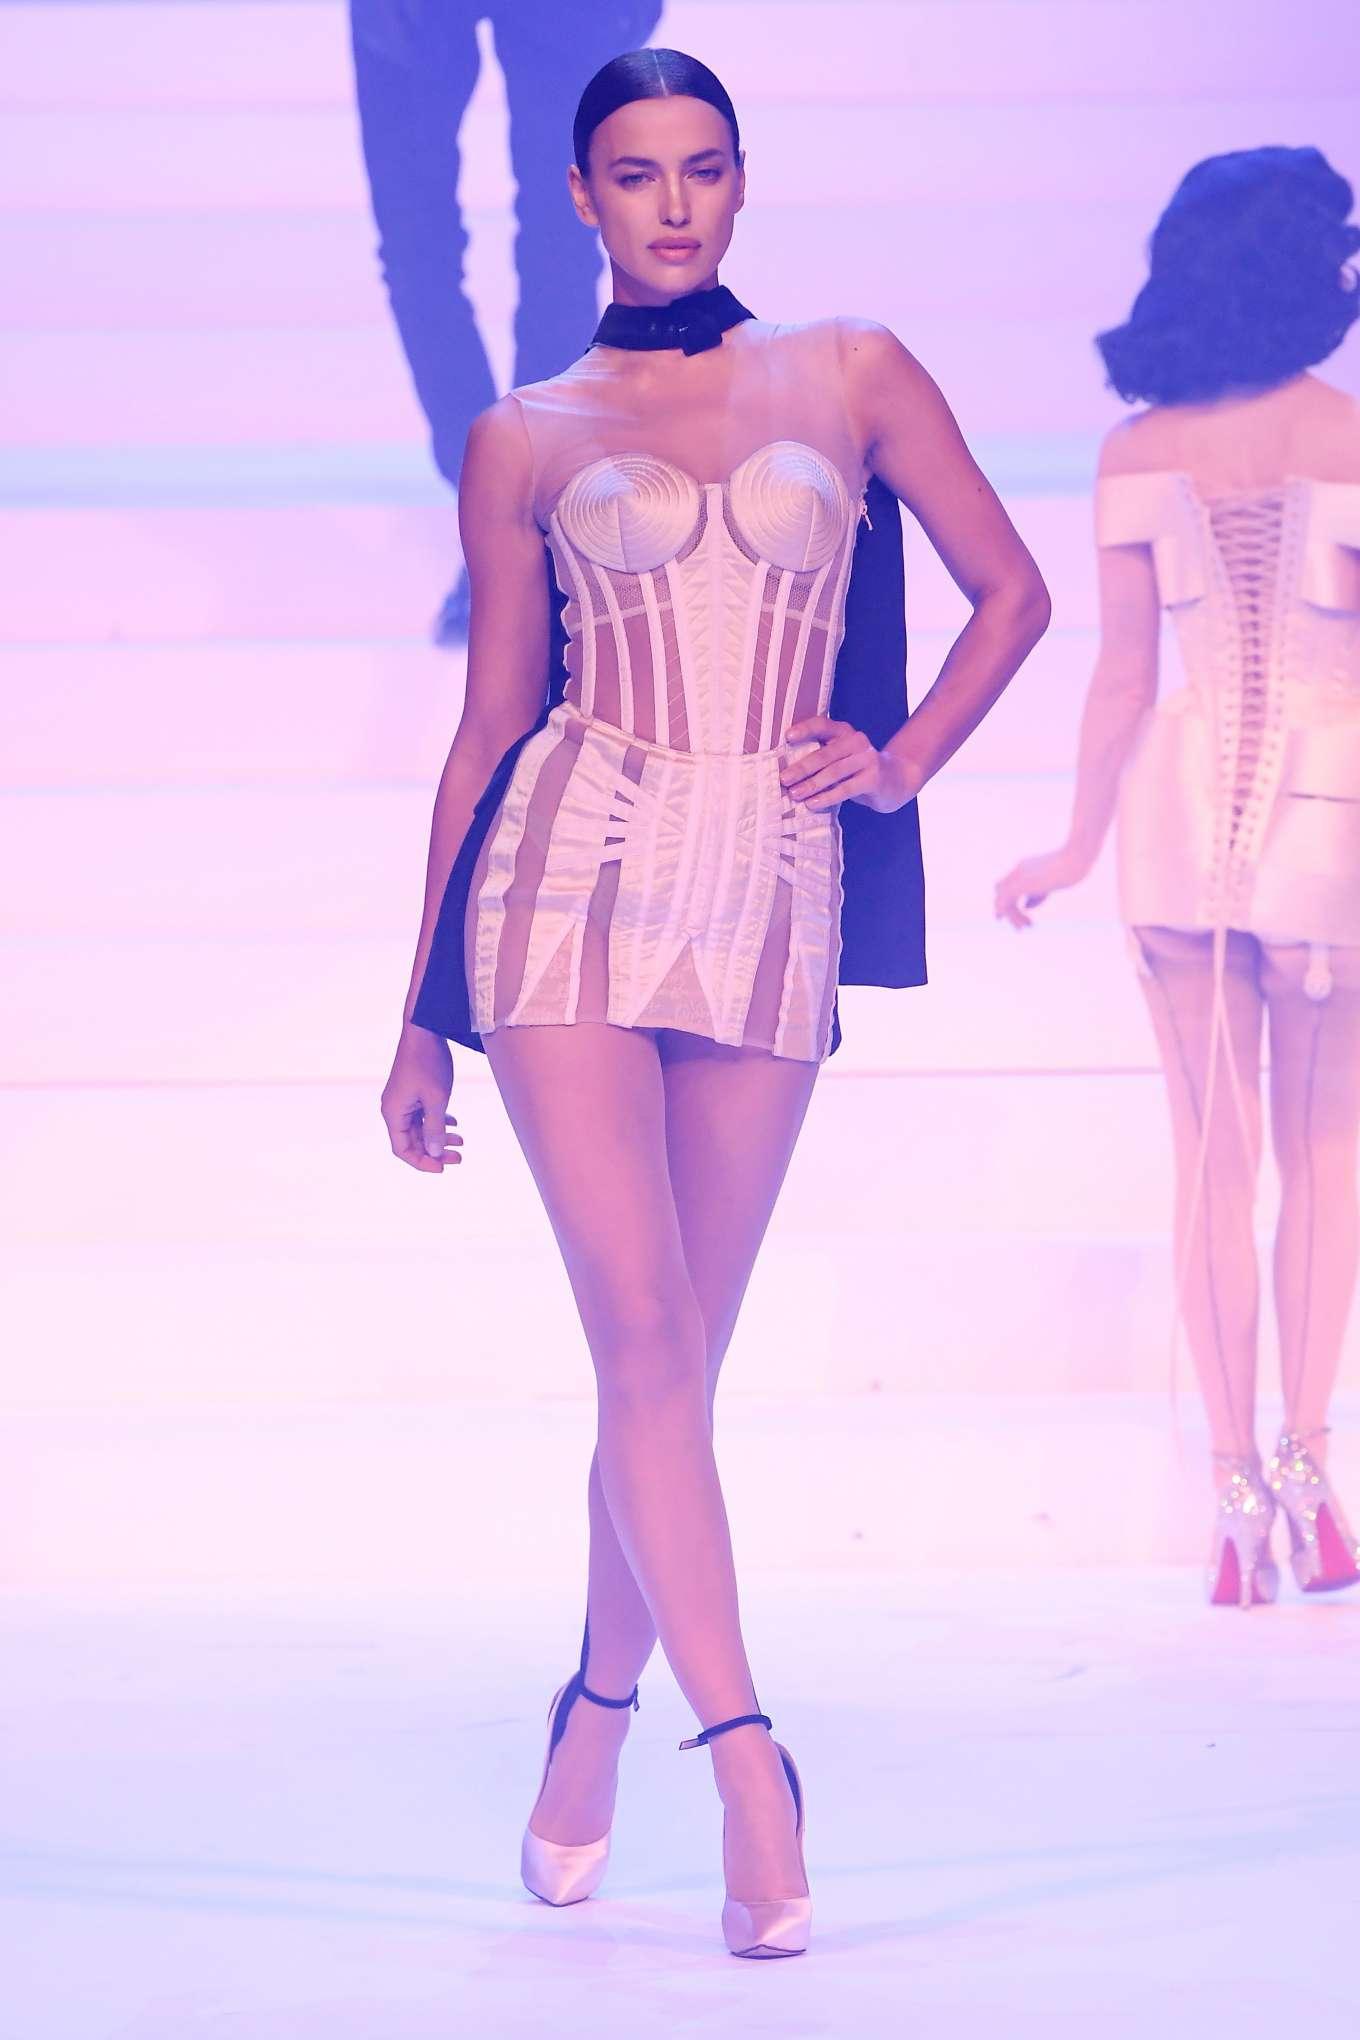 Irina Shayk - Jean-Paul Gaultier Runway Show in Paris